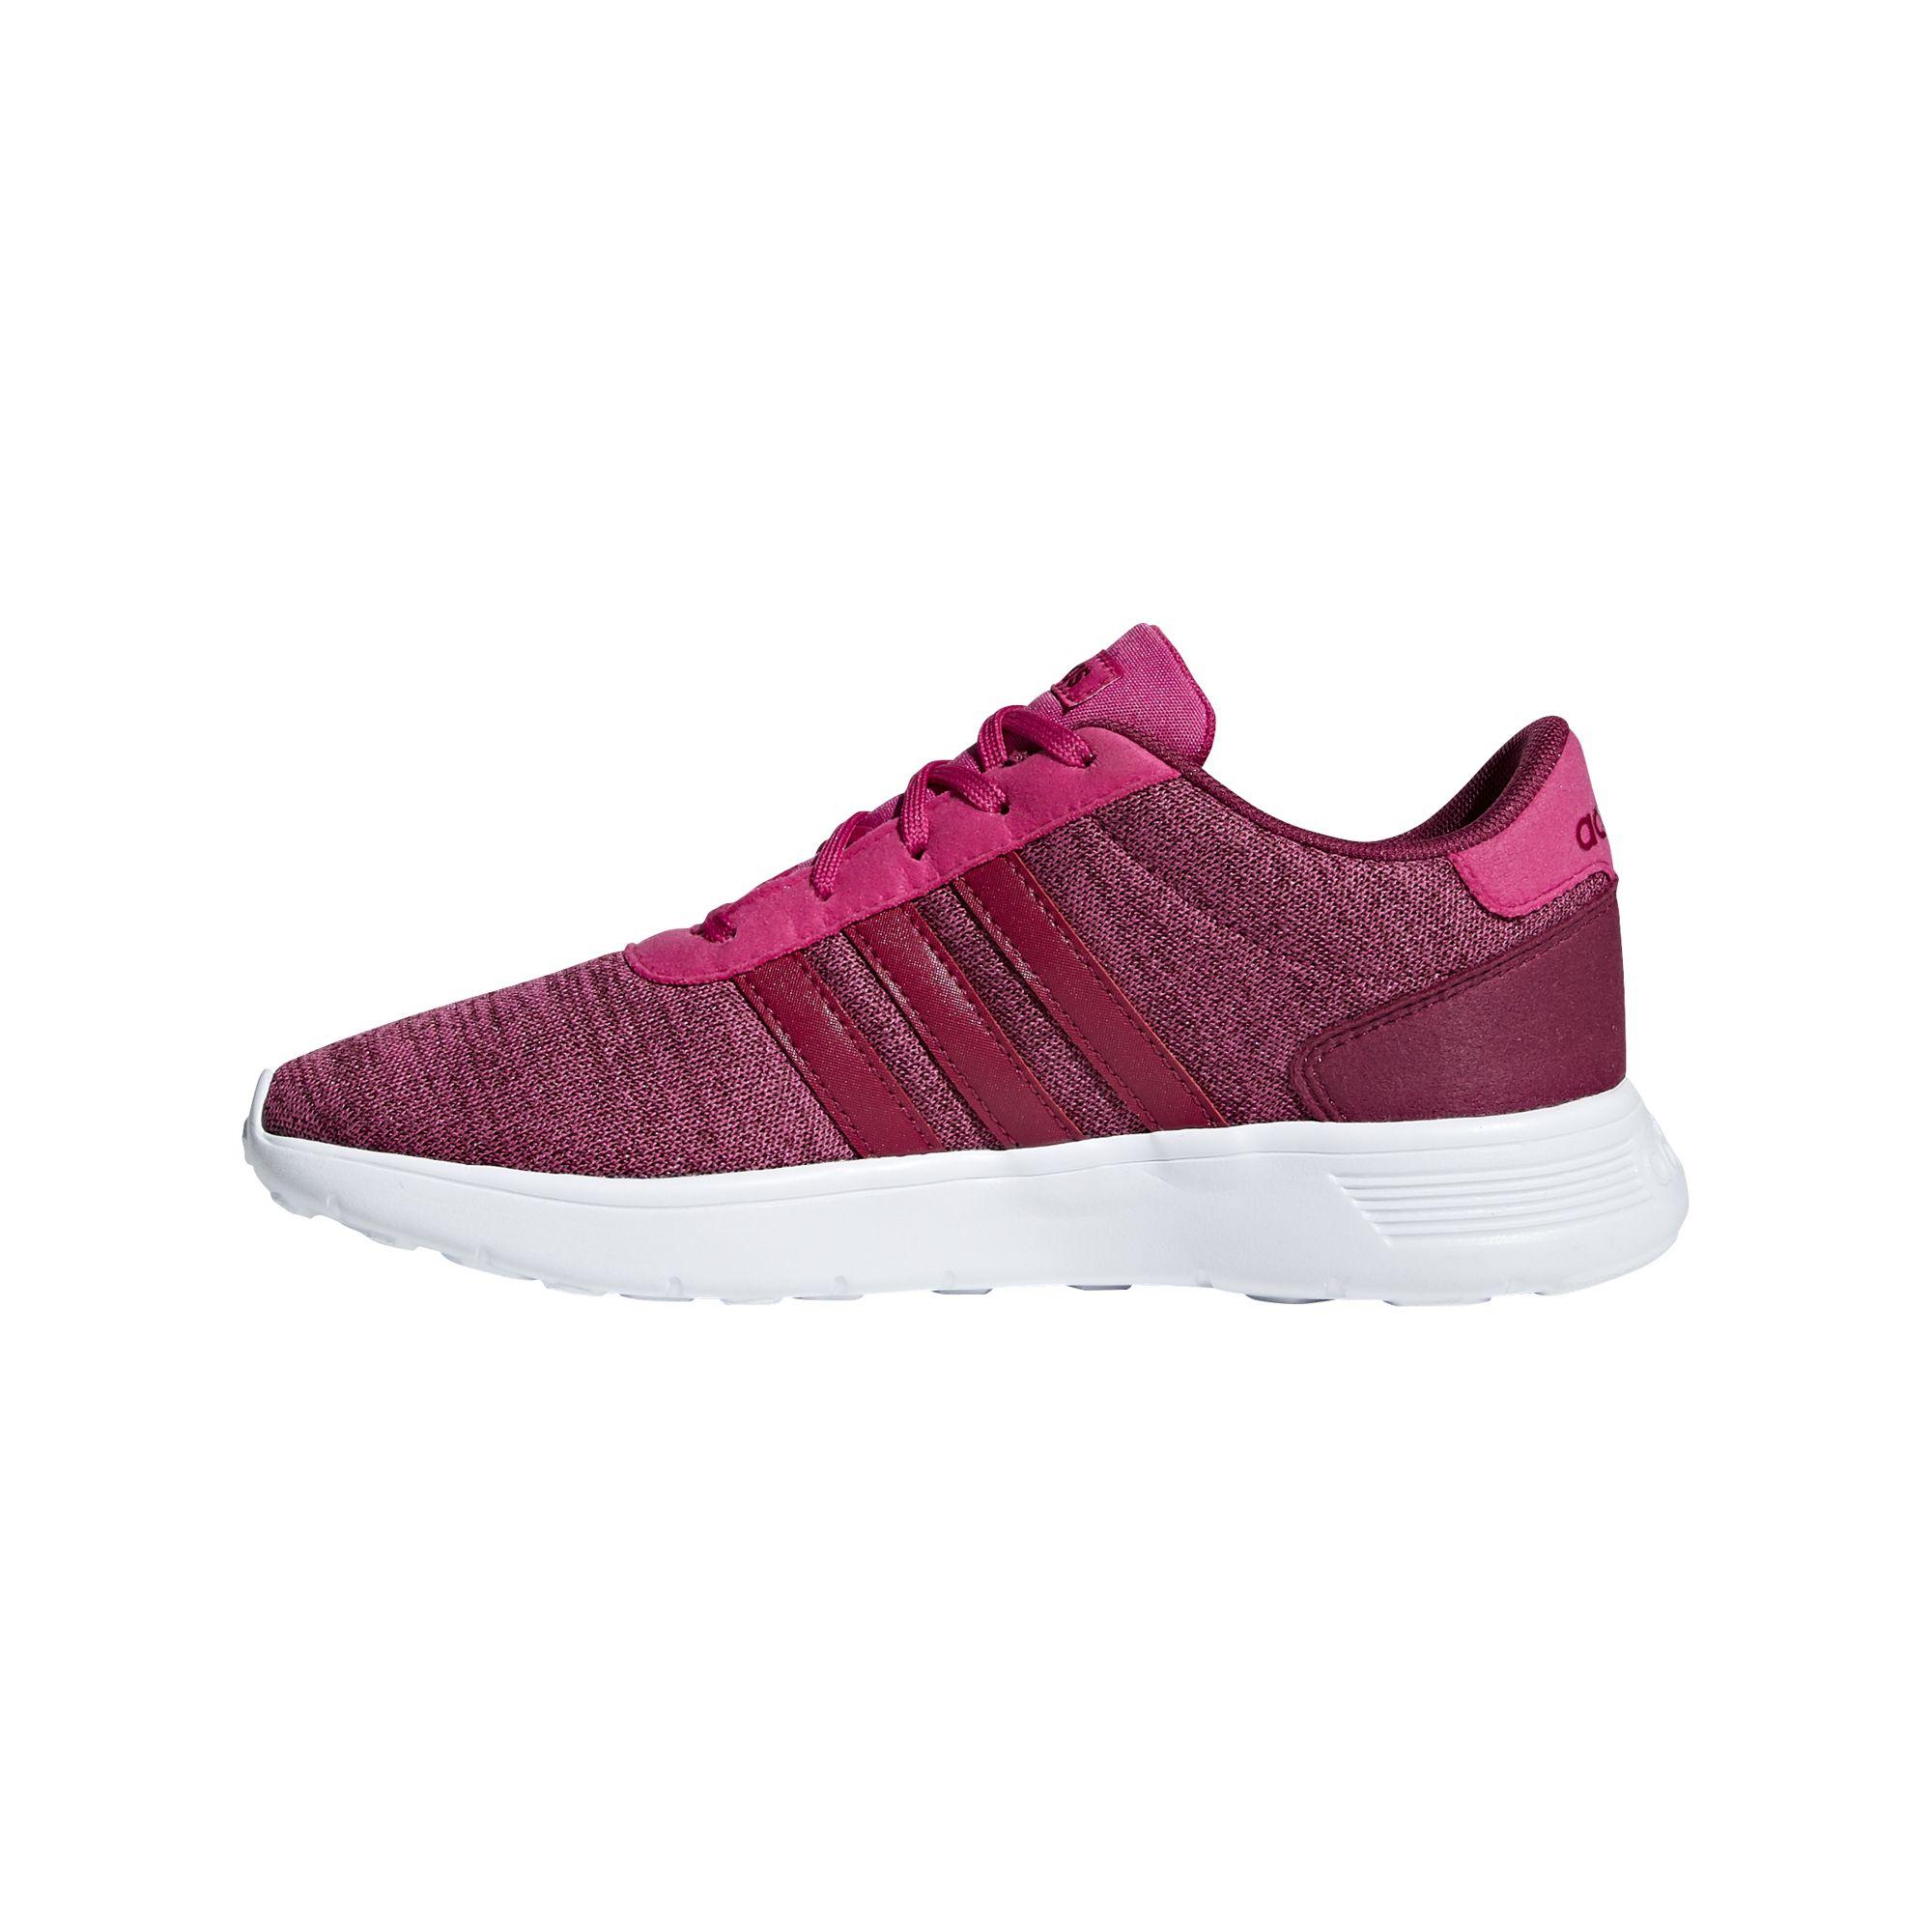 114d830883e4 Akciós | Adidas kamasz lány cipő LITE RACER K | Markasbolt.hu ...